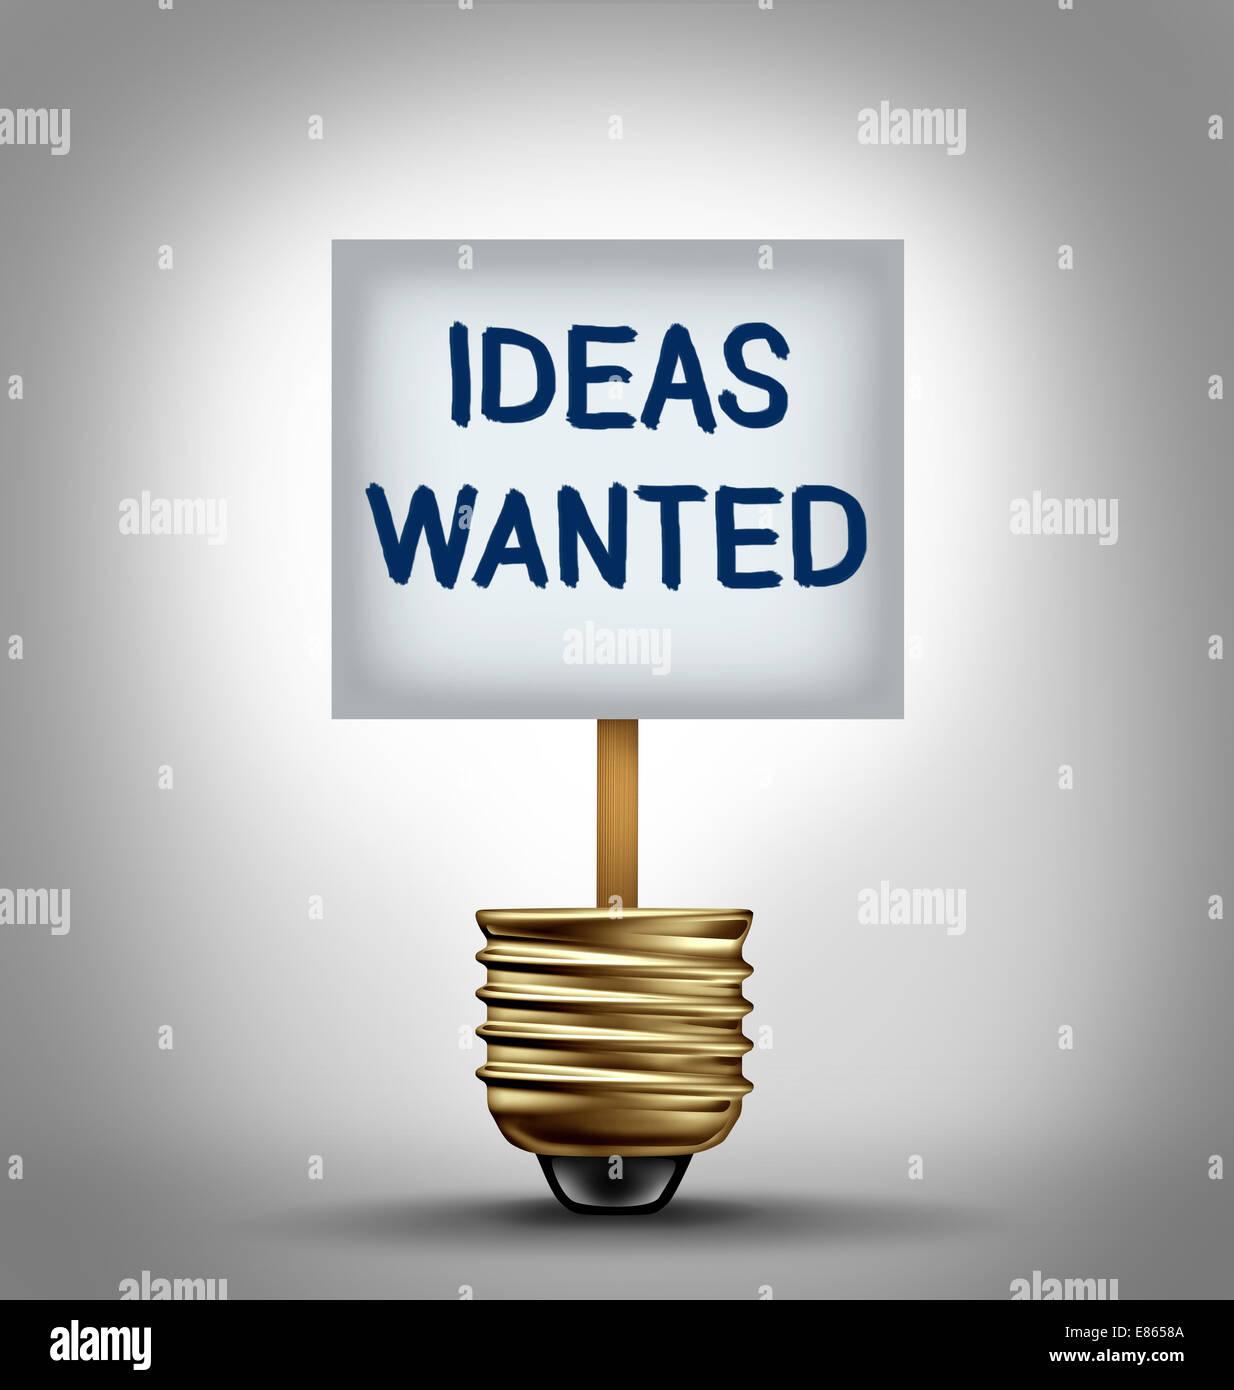 Concept et idées voulait symbole recherche de talents comme un signe avec une annonce classée dans un Photo Stock